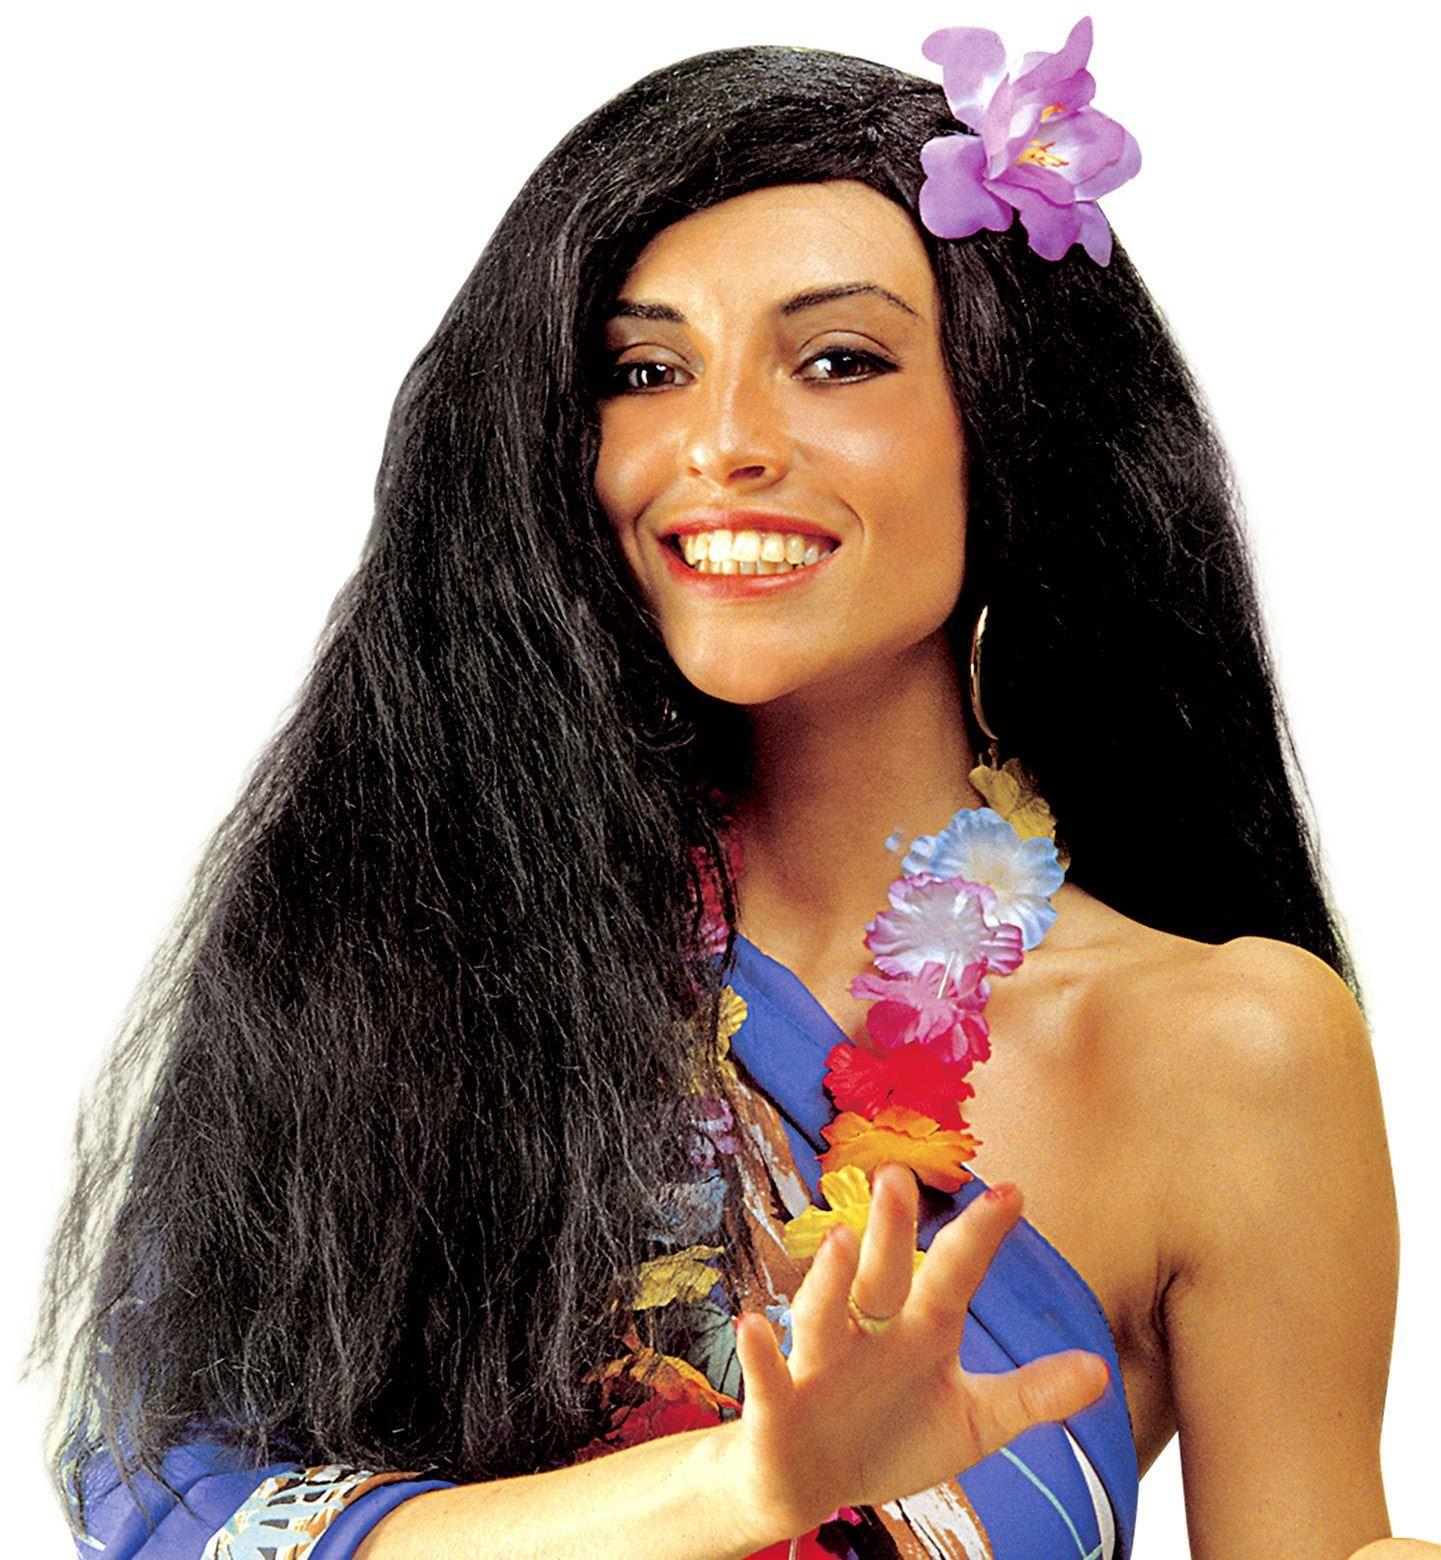 Hawaiiaanse pruik met bloem